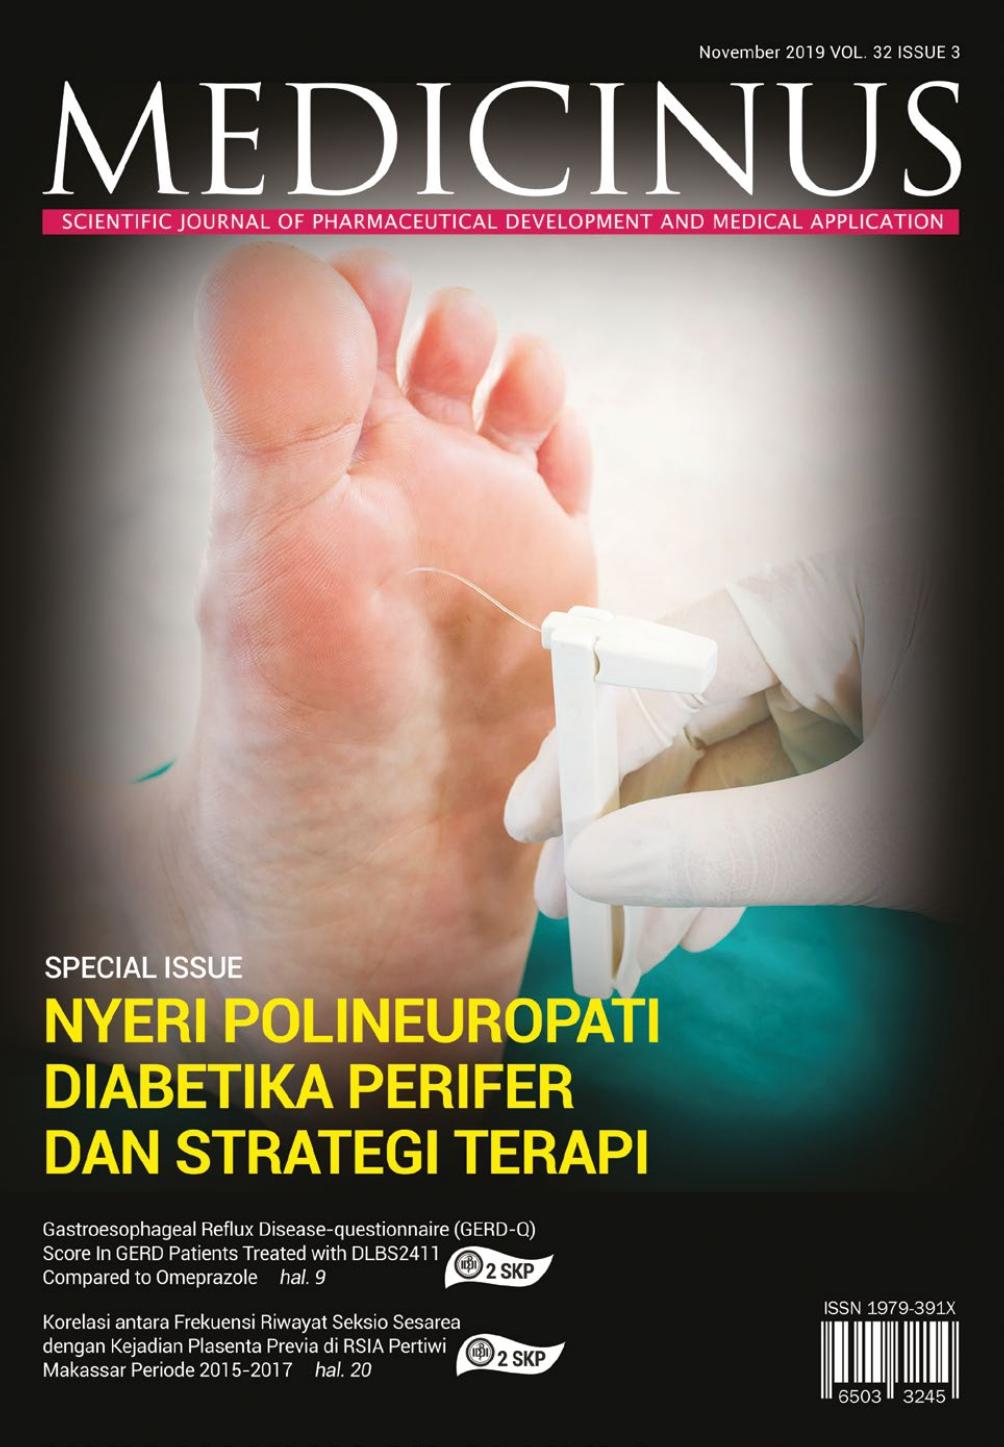 Medicinus Vol. 32 No. 3 - November 2019